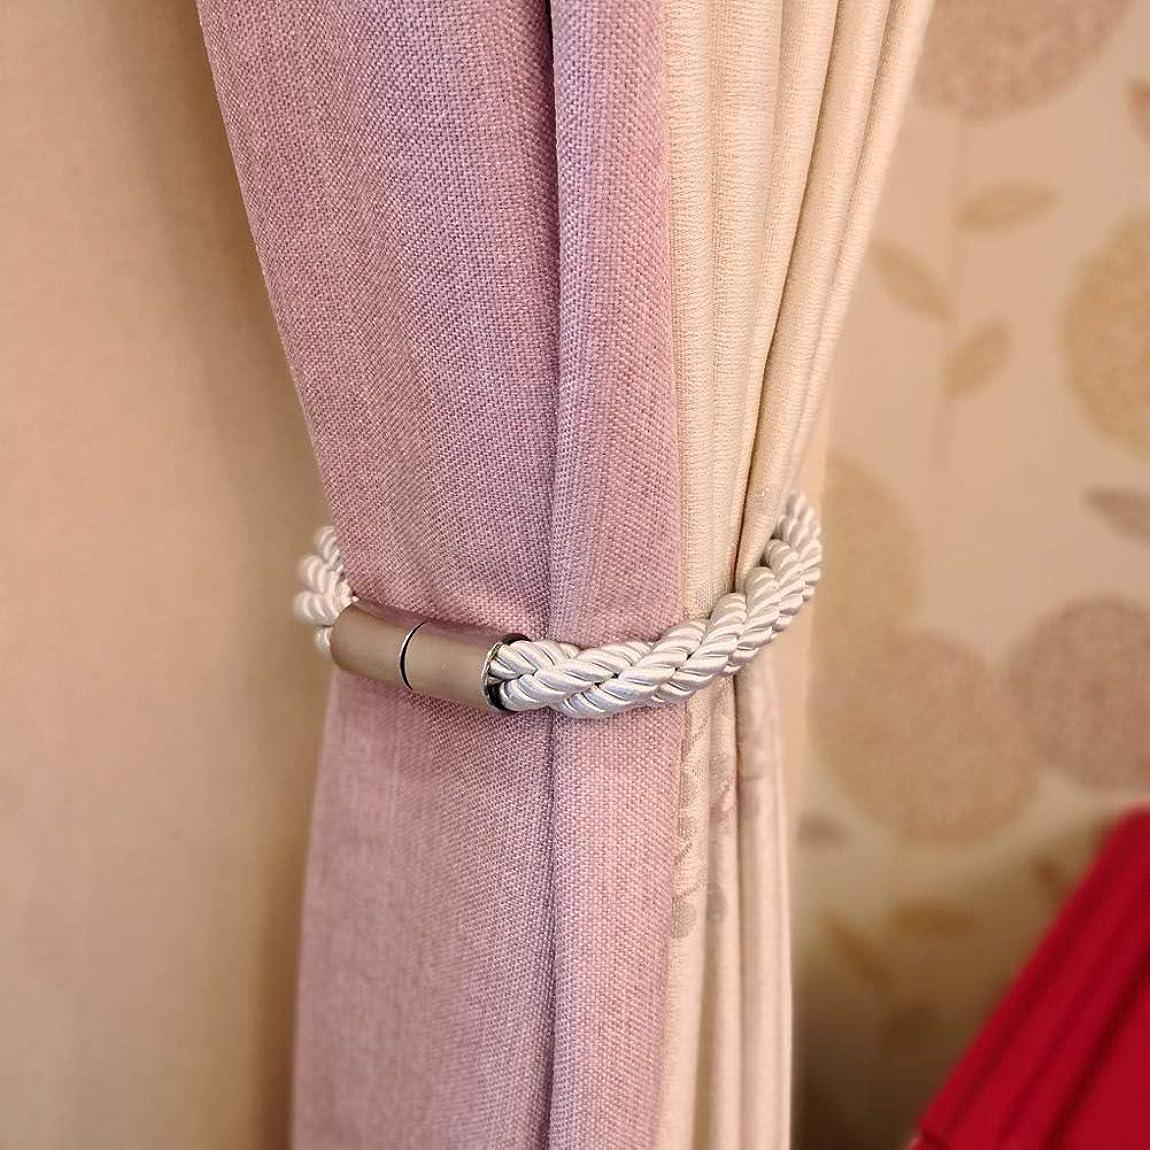 洞窟女性誕生LEDGOO カーテンバックル 2点セット カーテン留め飾り ロープタッセル マグネット ロープタッセル カーテン シンプル カーテン アクセサリー 房掛け バックル ホルダー 2個セット White